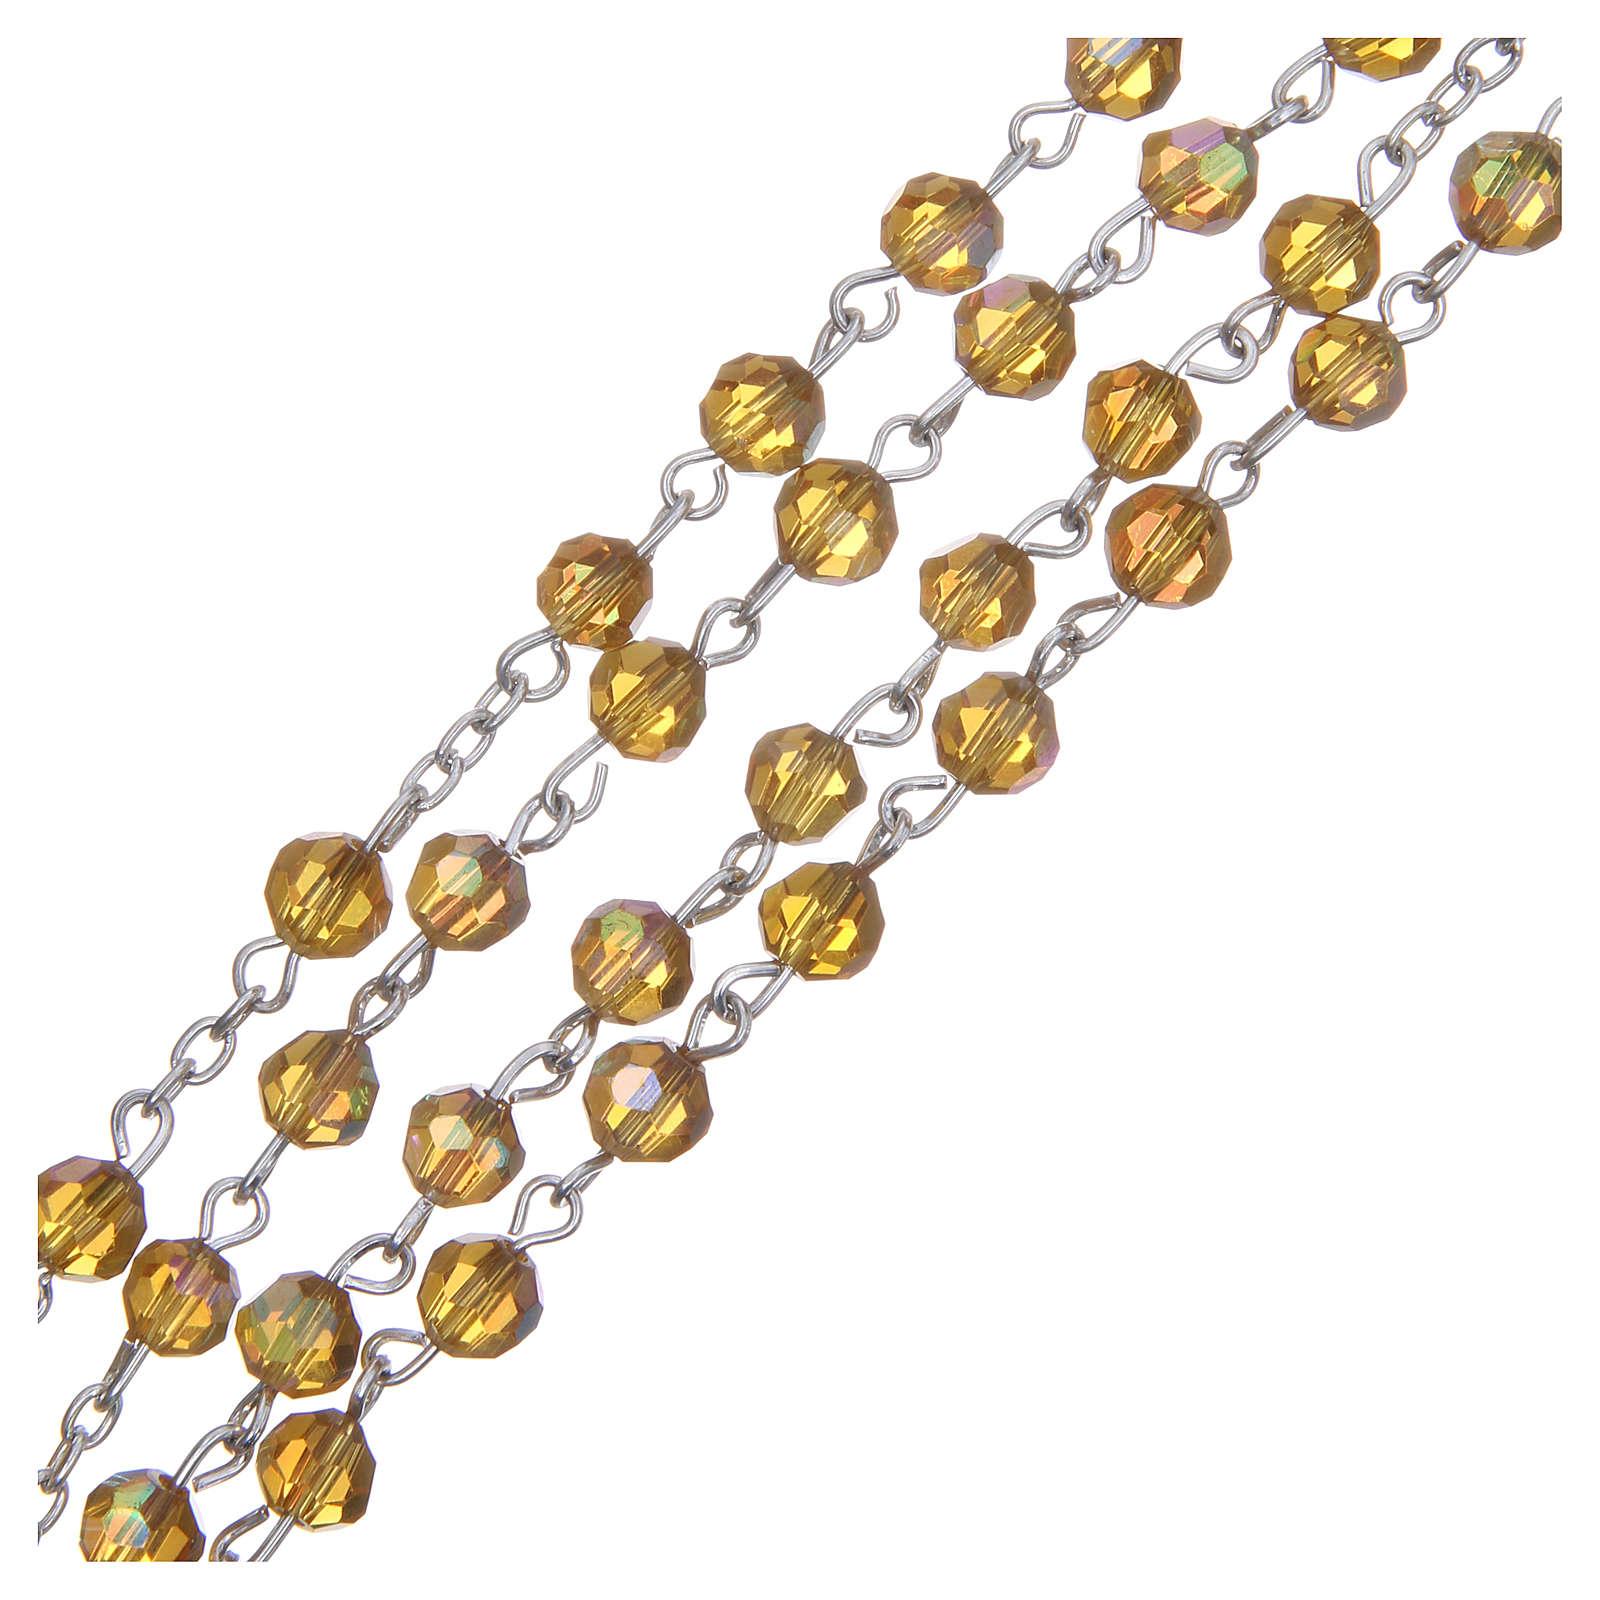 Chapelet cristal ambre 6 mm 4